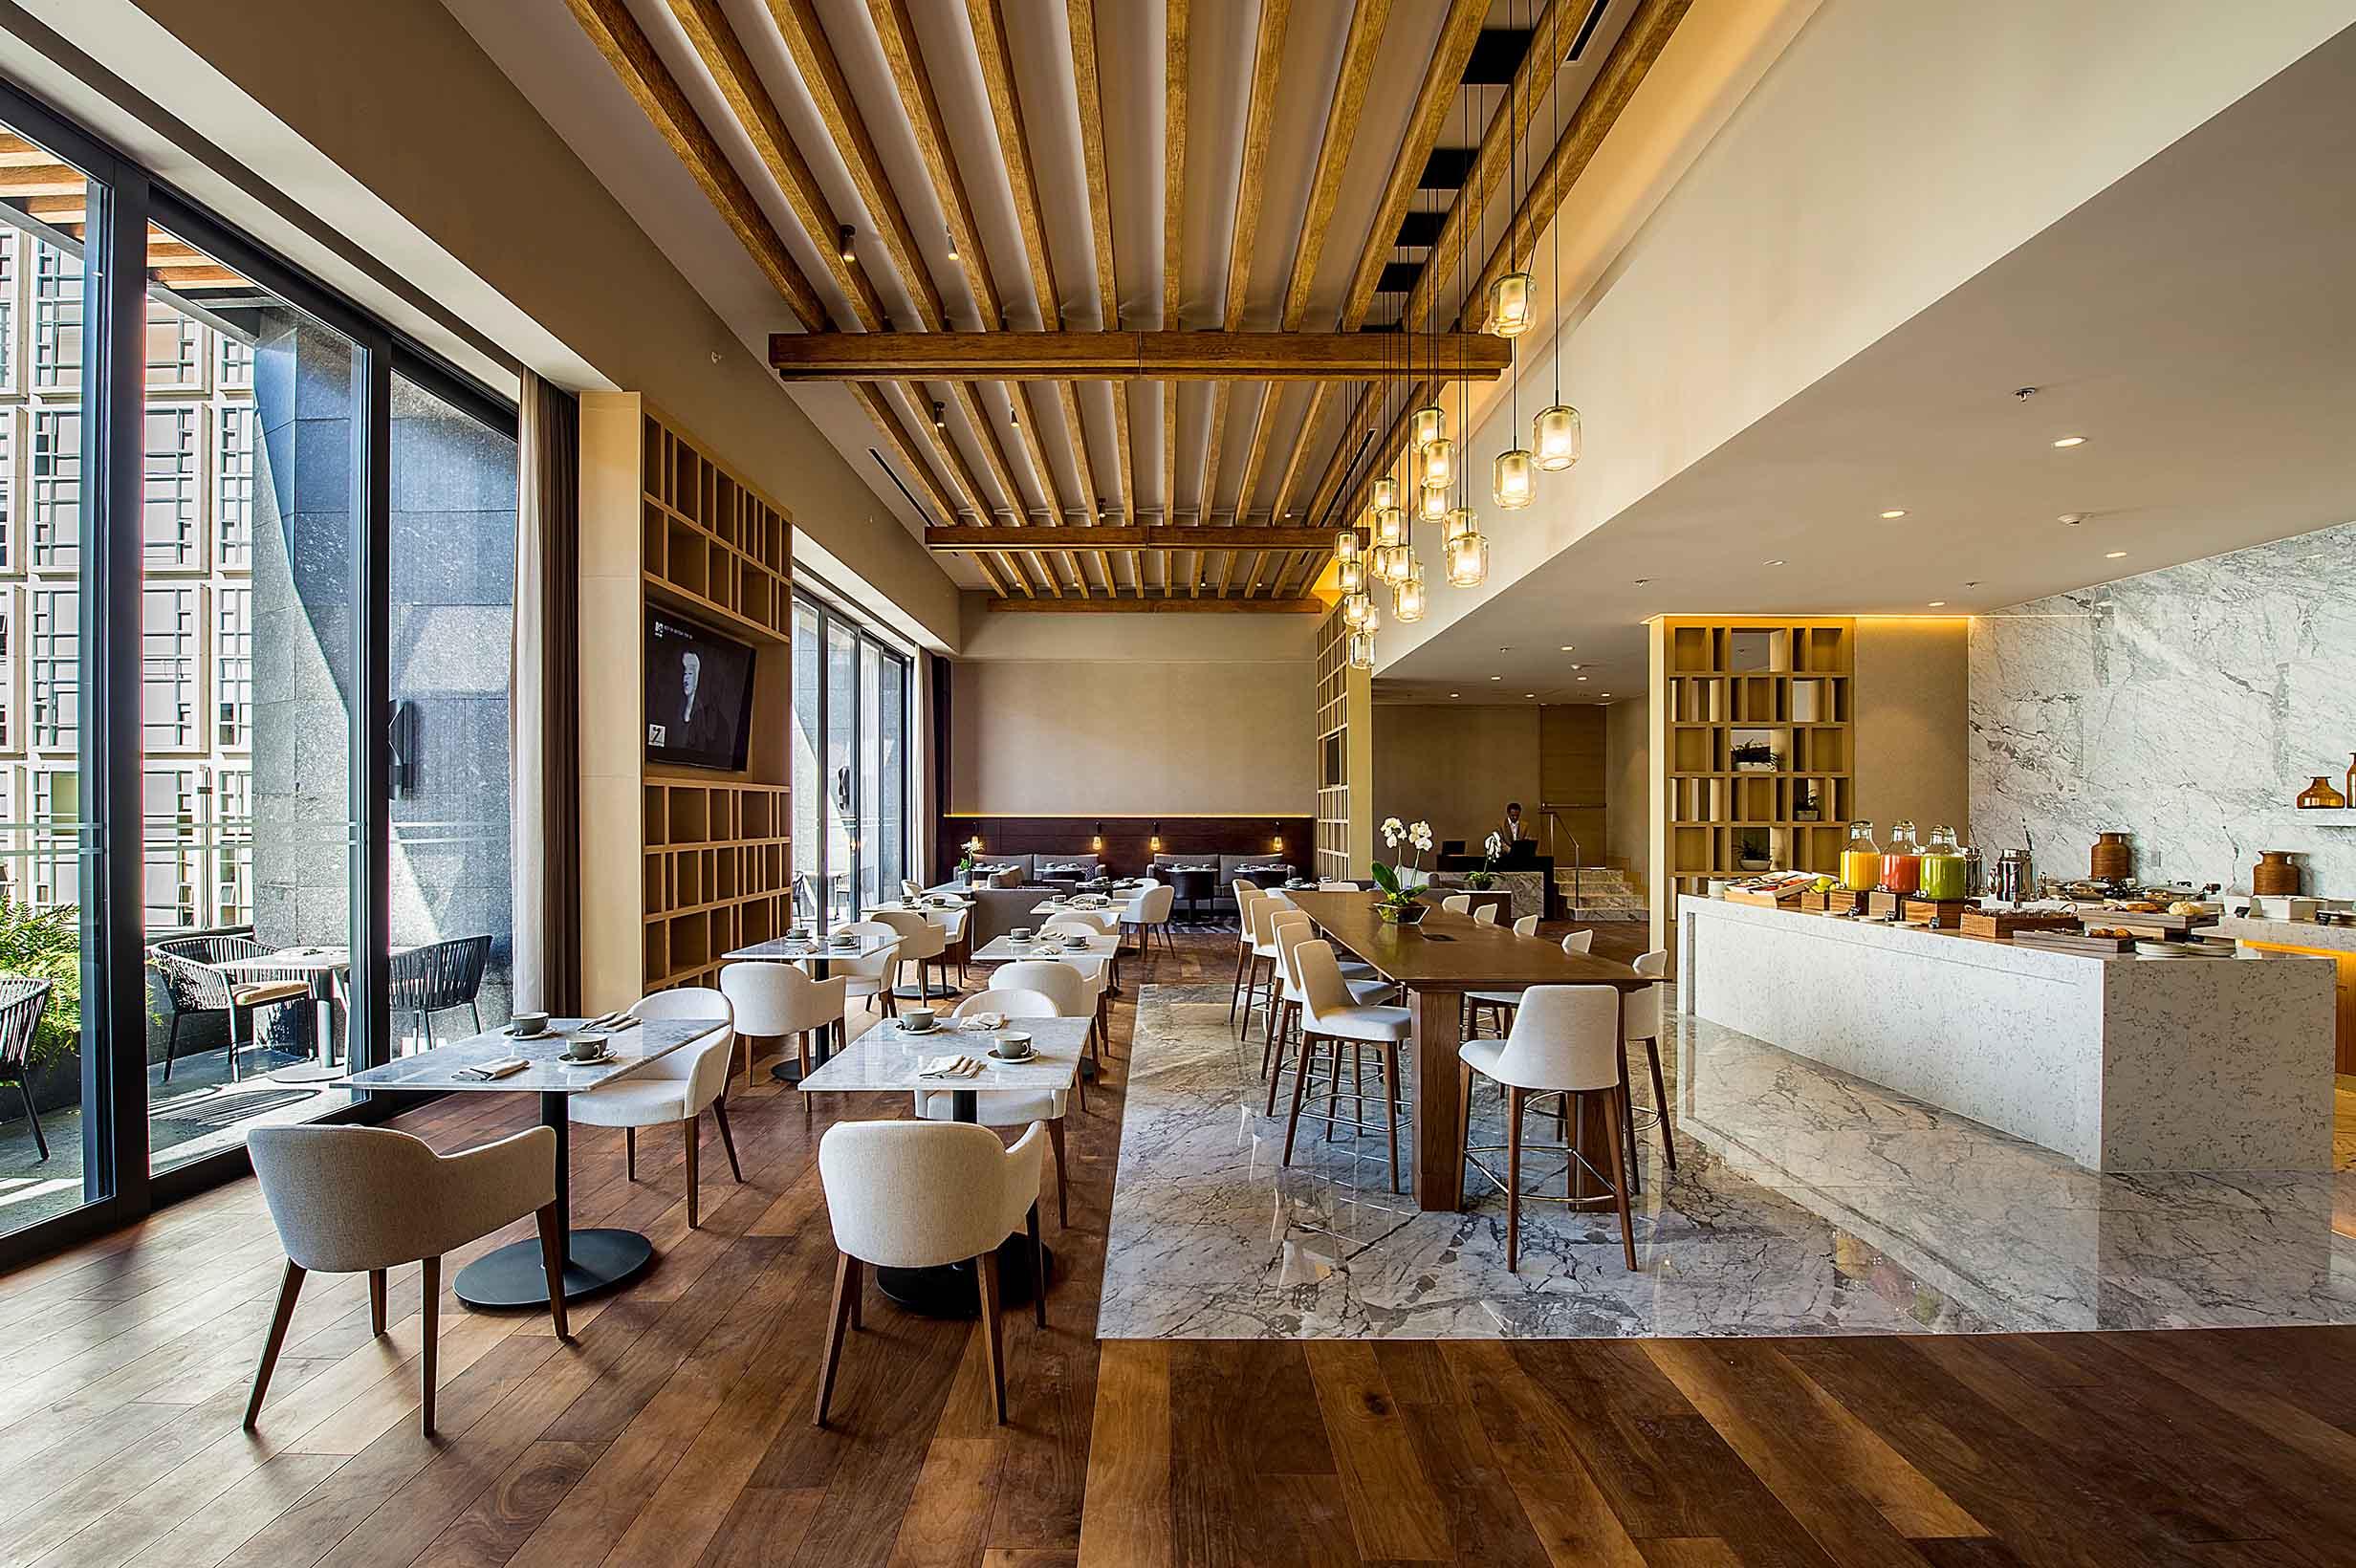 Dise o interior para un hotel de gran turismo en for Diseno de interiores espacios reducidos